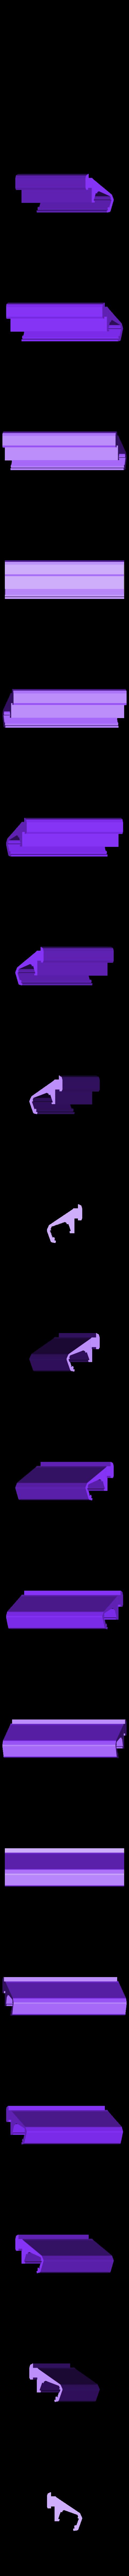 led_halter.stl Download free STL file anycubic kossel ikea led bar holder • Design to 3D print, OneIdMONstr